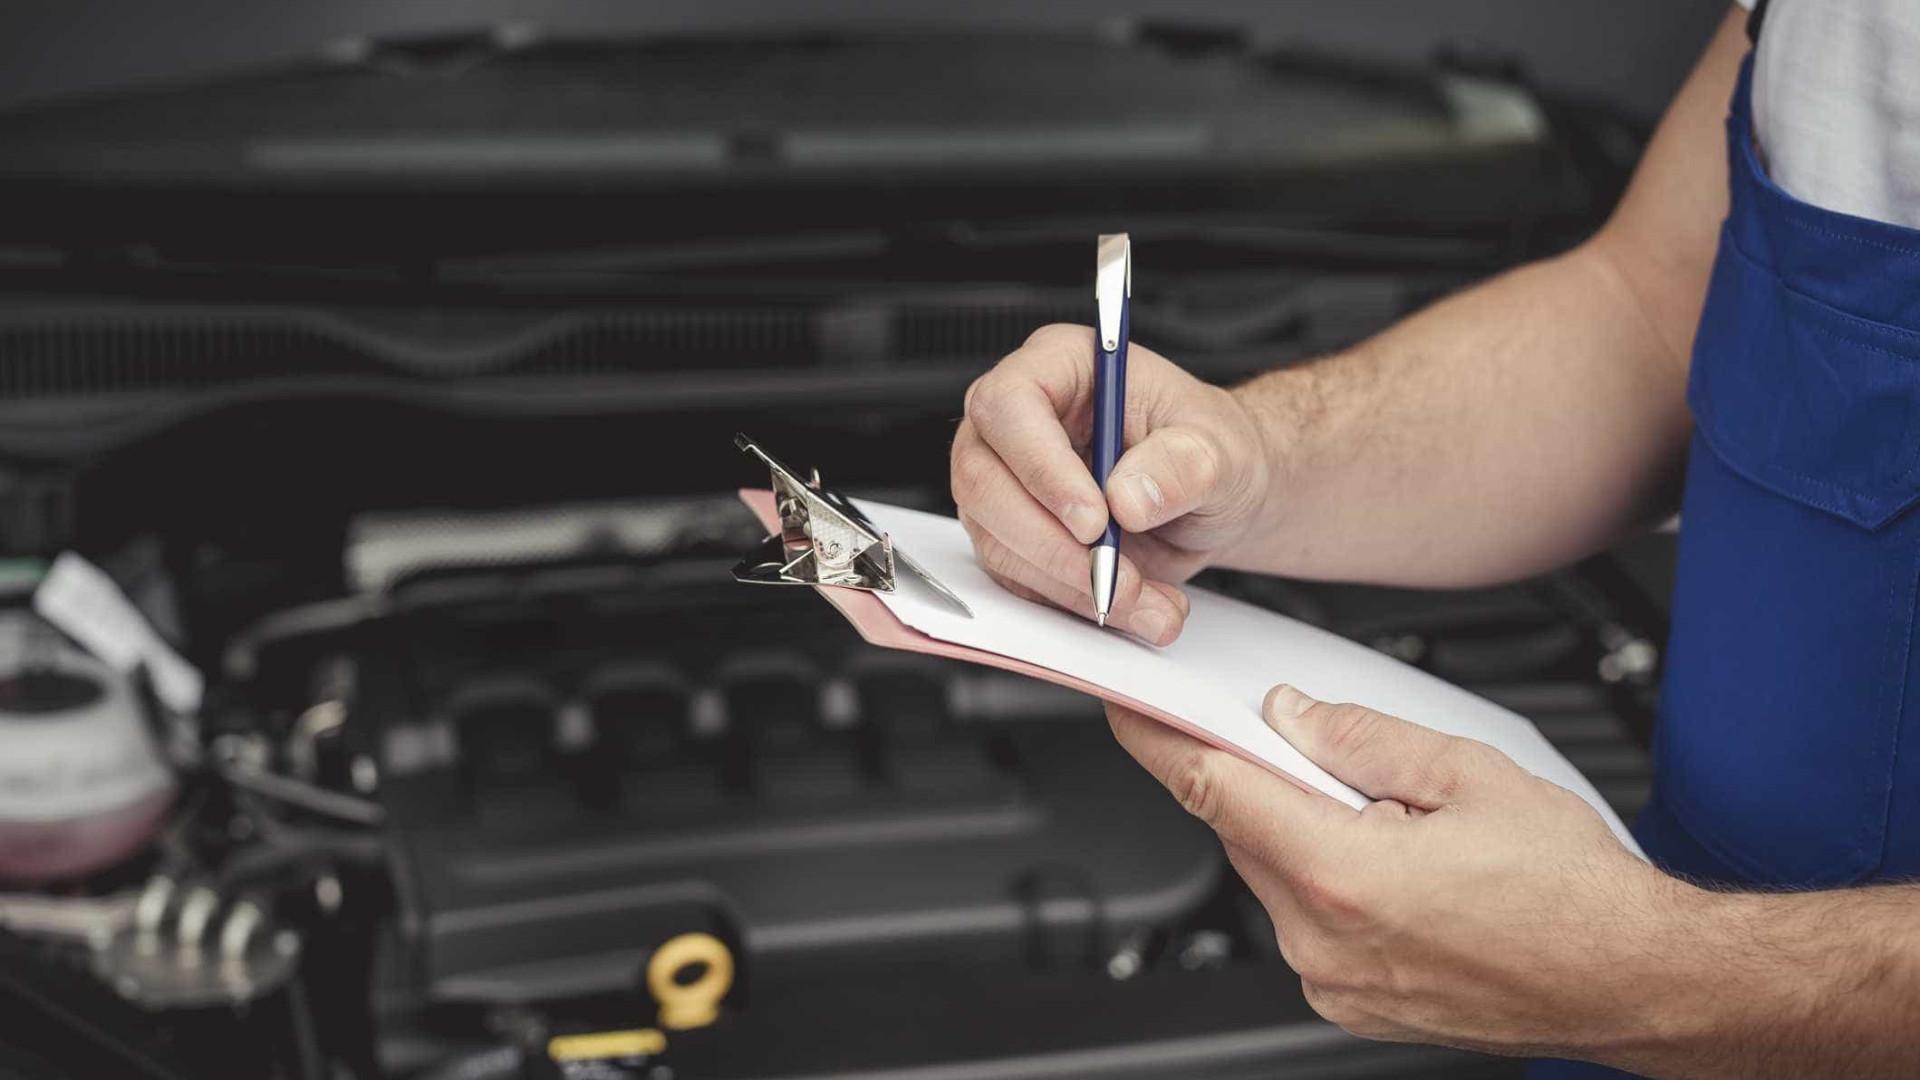 Carro sujo? Novas regras na inspeção chumbam carros por falta de limpeza